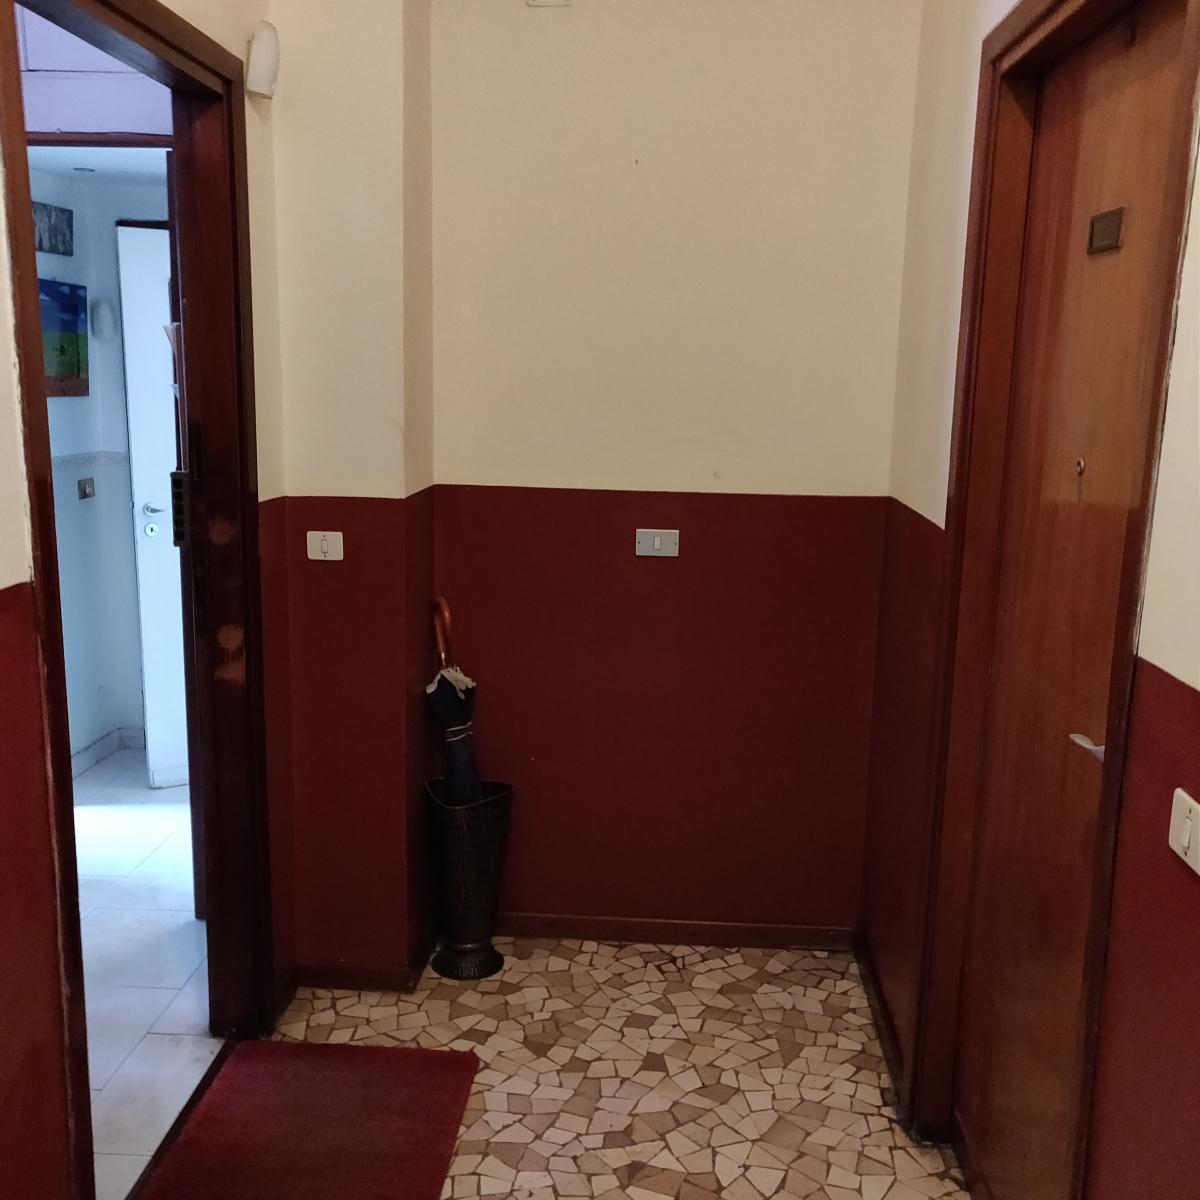 appartamento-in-vendita-via-bisi-milano-baggio-2-locali-bilocale-spaziourbano-immobiliare-vende-22